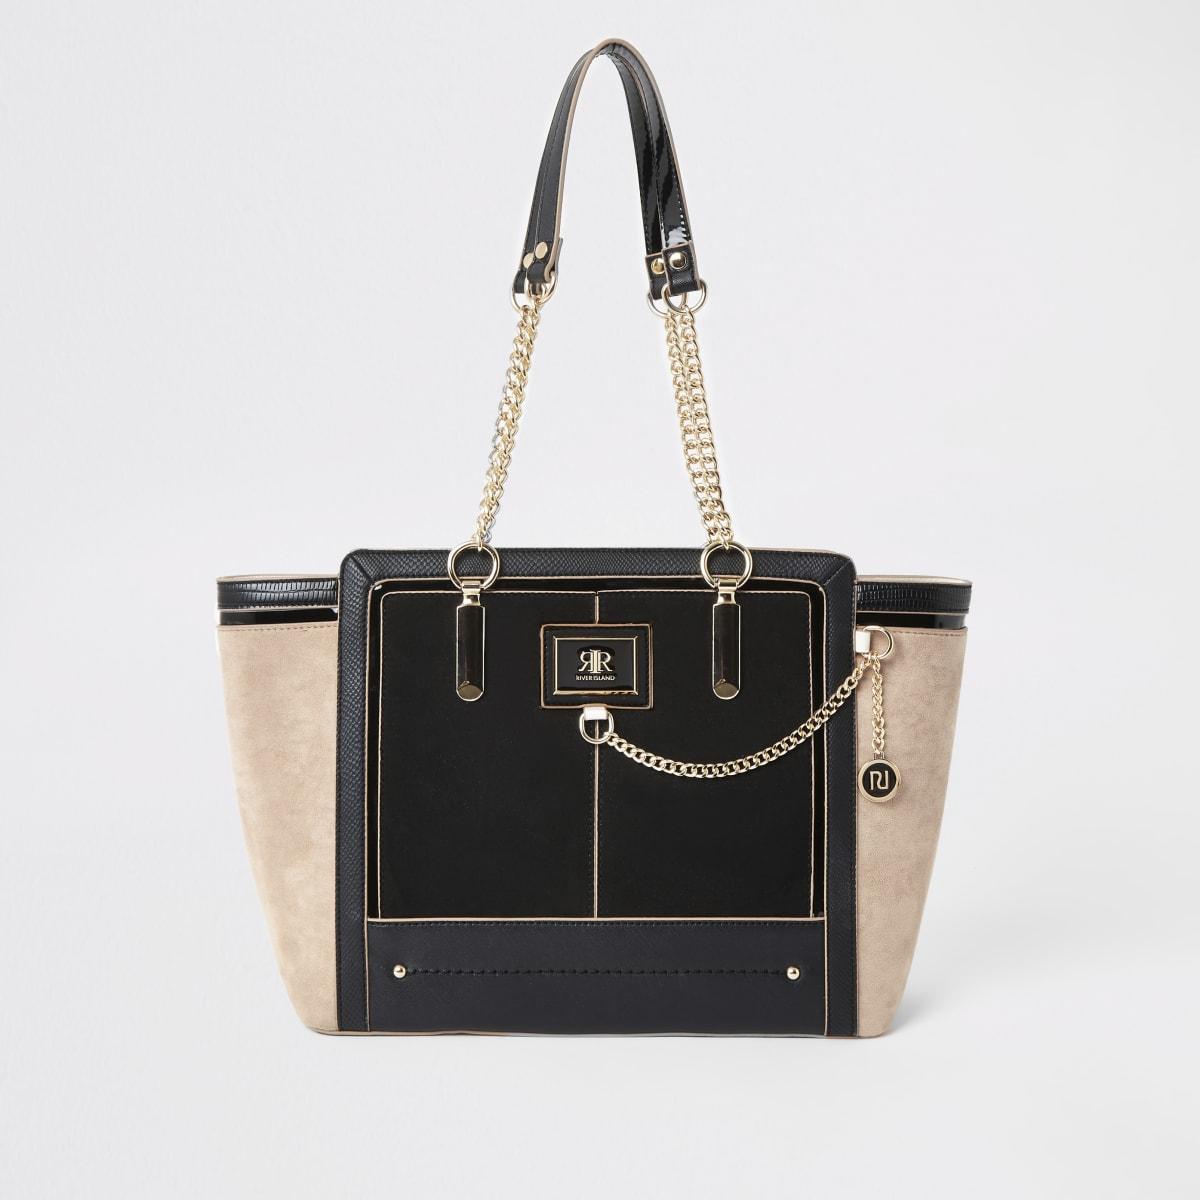 Zwarte handtas met zij-inzetten en ketting aan de voorkant